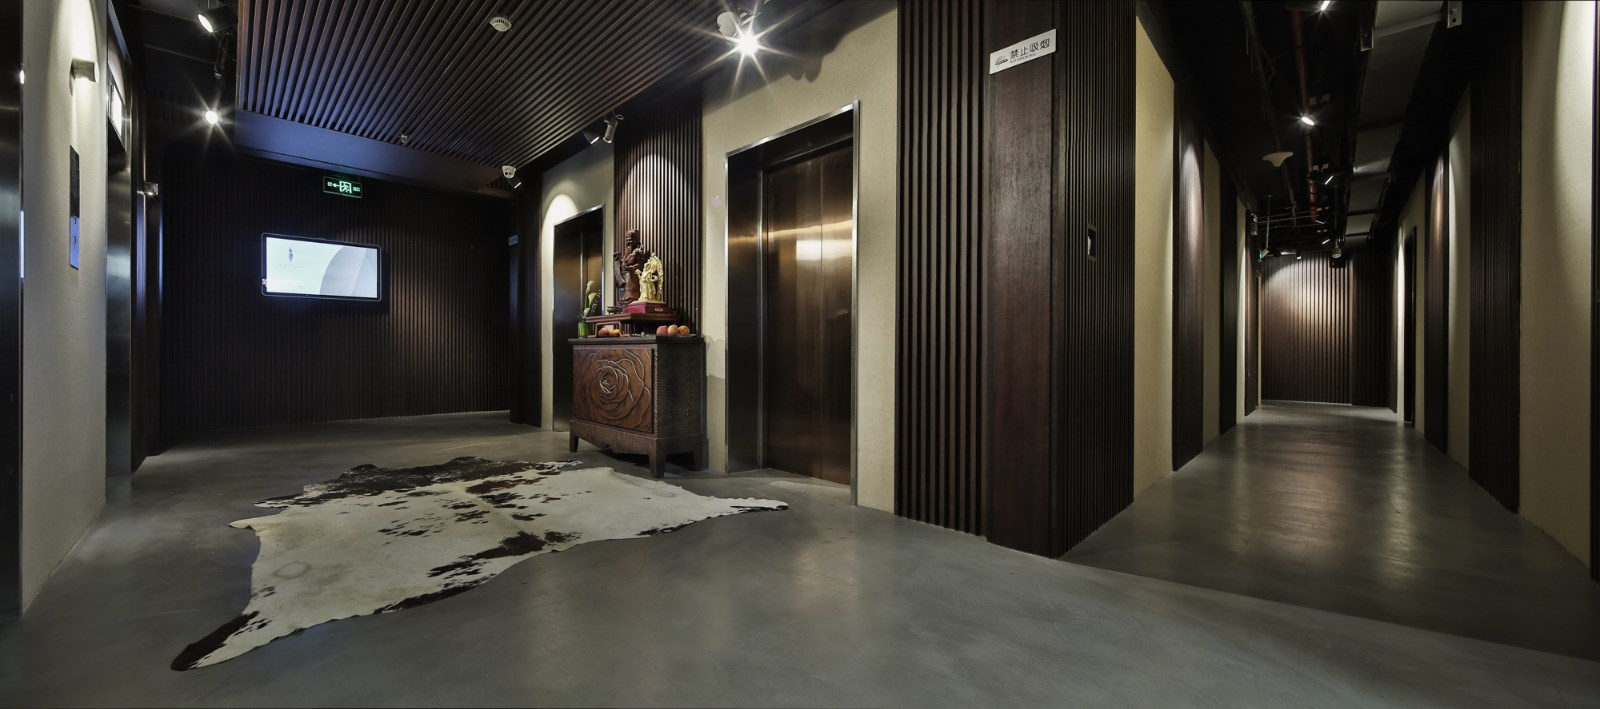 上海乔丽尔医疗美容整形会所-神秘·魅力生活